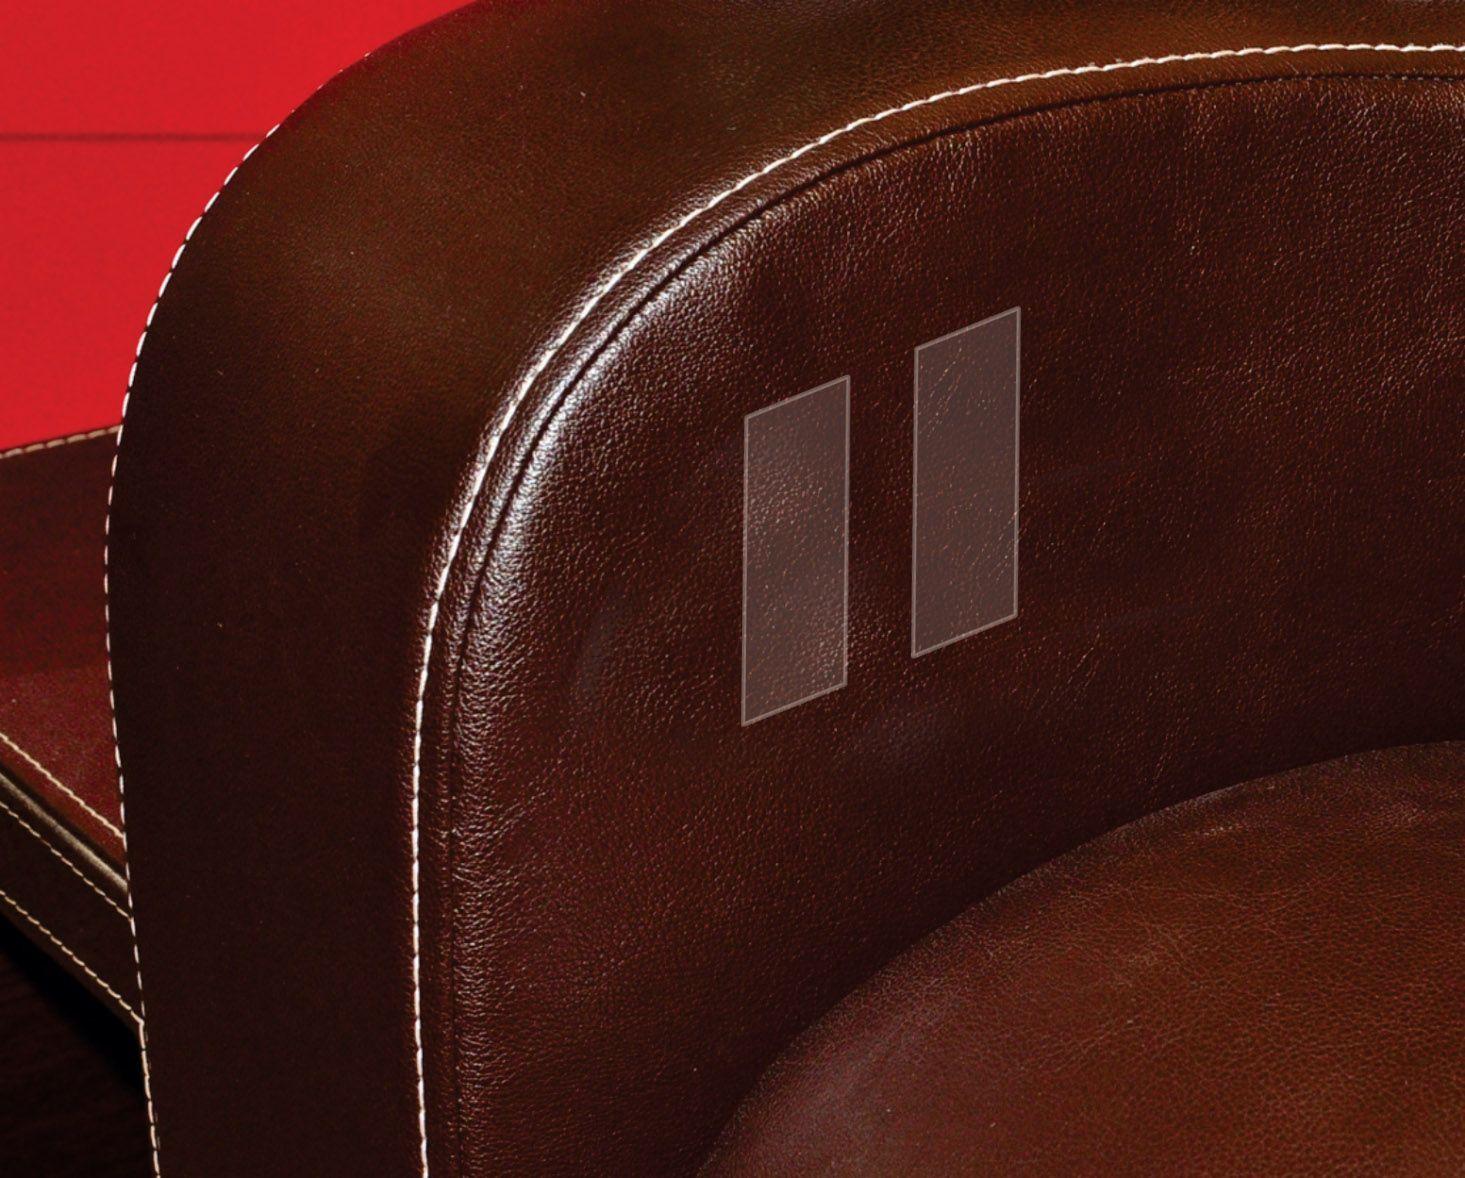 touch sensor / hidden sensor pads / backlit usb switch - ln - 31